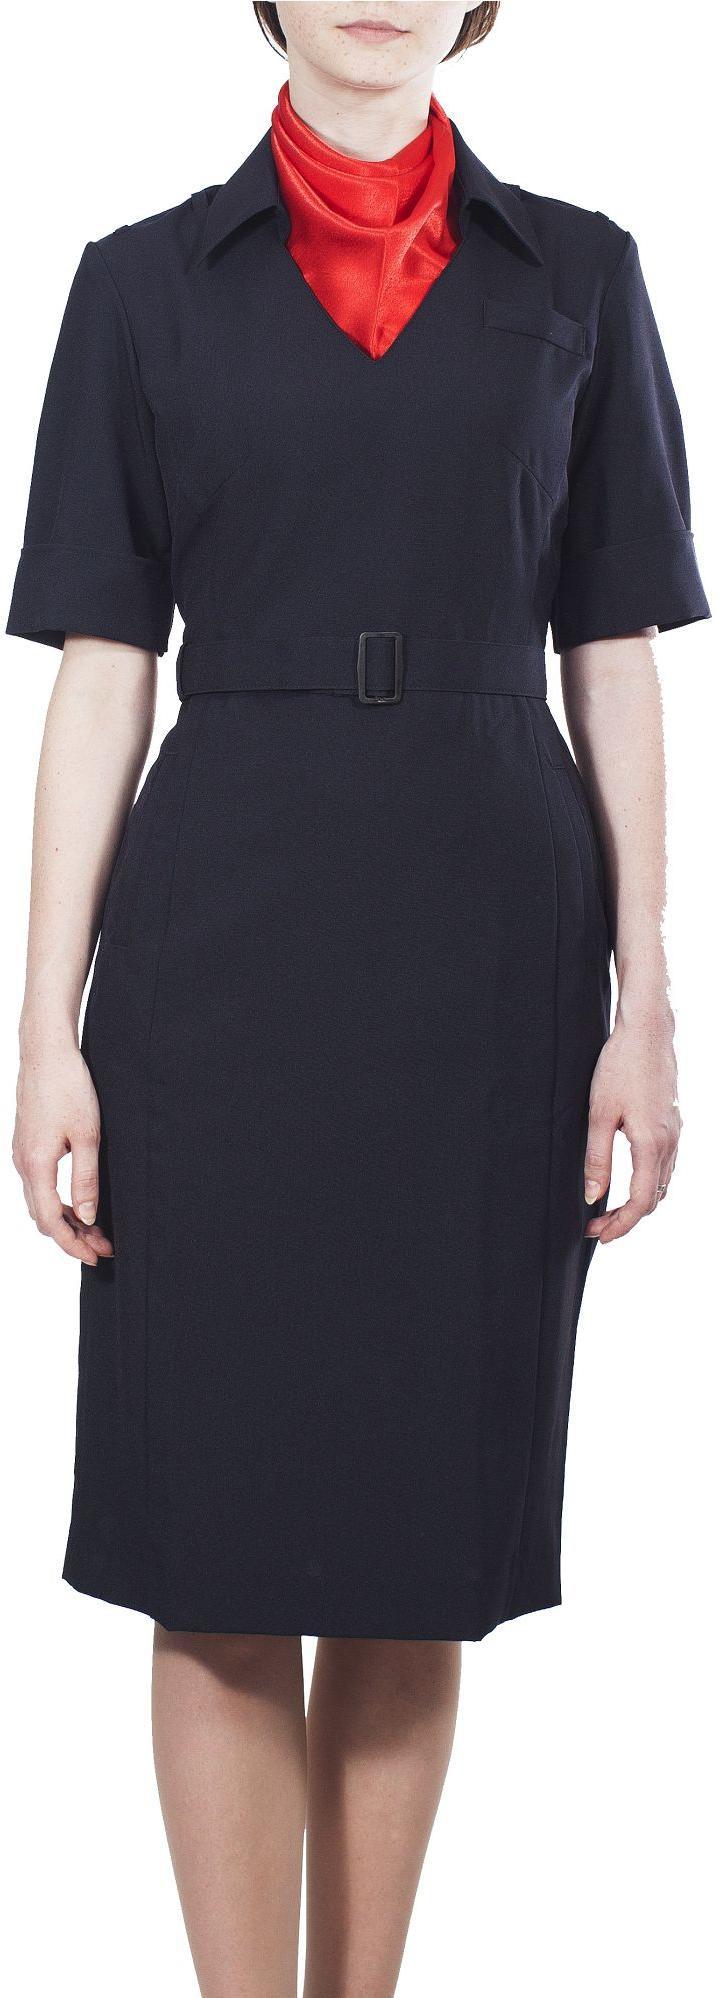 Платье Полиция/Юстиция МВД с коротким рукавом нового образца, Юбки и платья - арт. 907180153